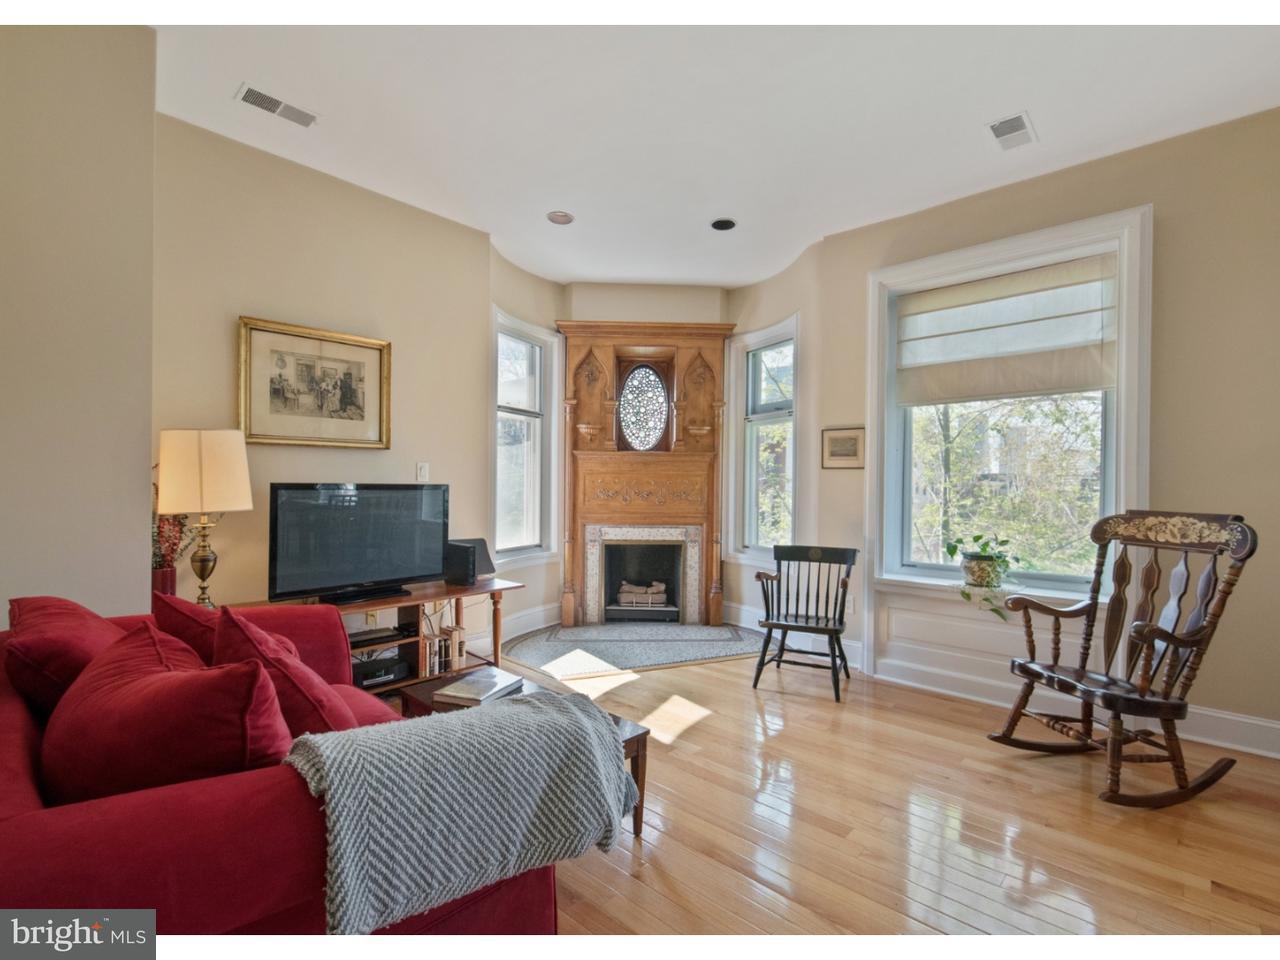 Μονοκατοικία για την Πώληση στο 2301 GREEN ST #4 Philadelphia, Πενσιλβανια 19130 Ηνωμενεσ Πολιτειεσ